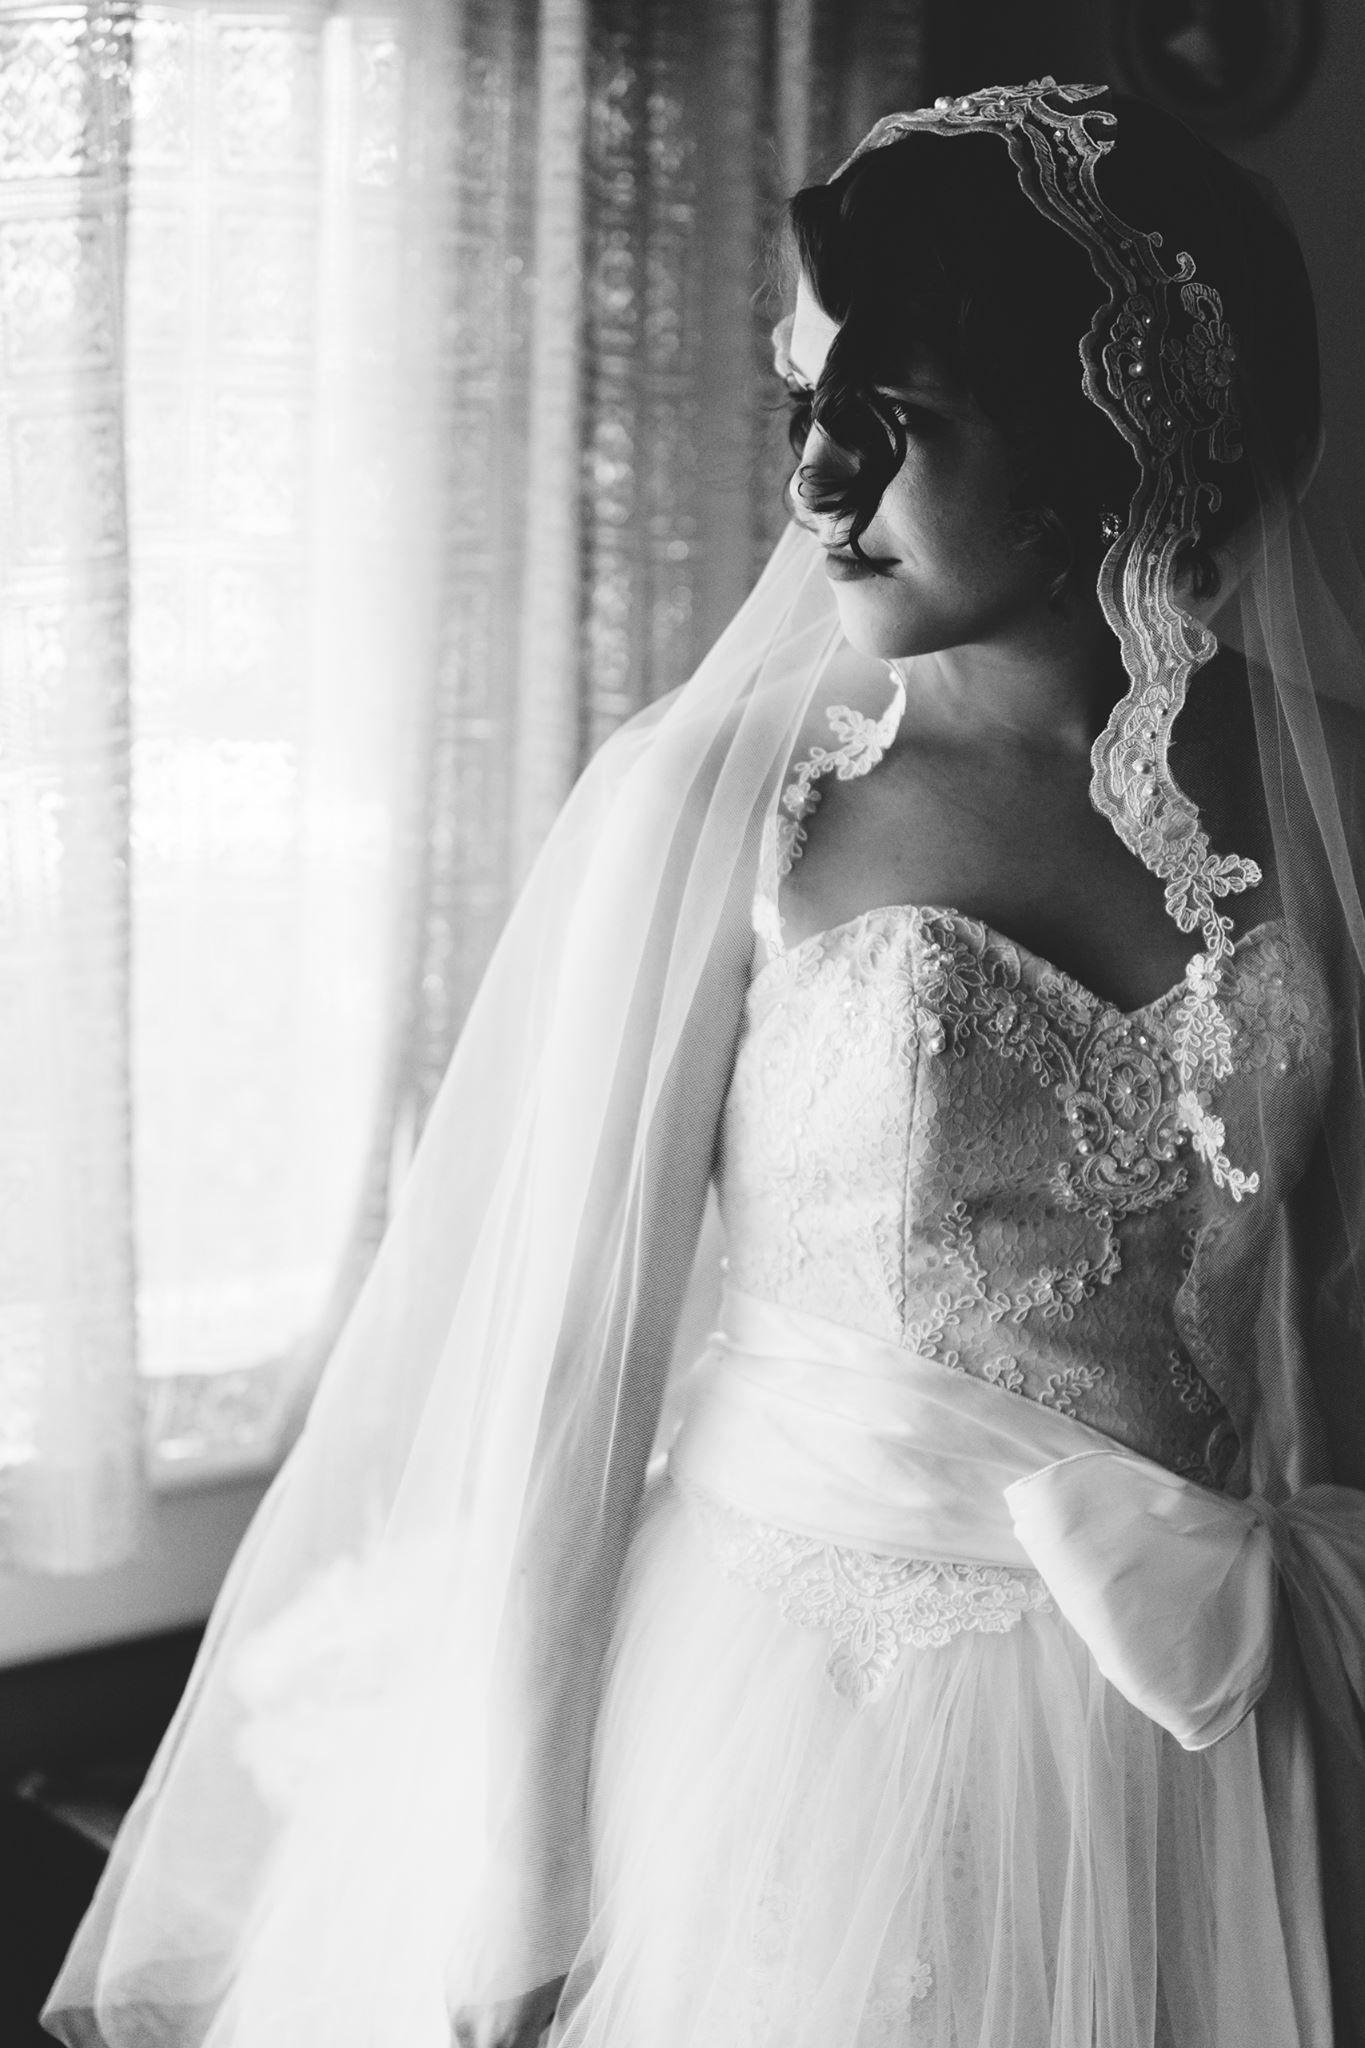 How to make a juliet cap wedding veil wedding veils